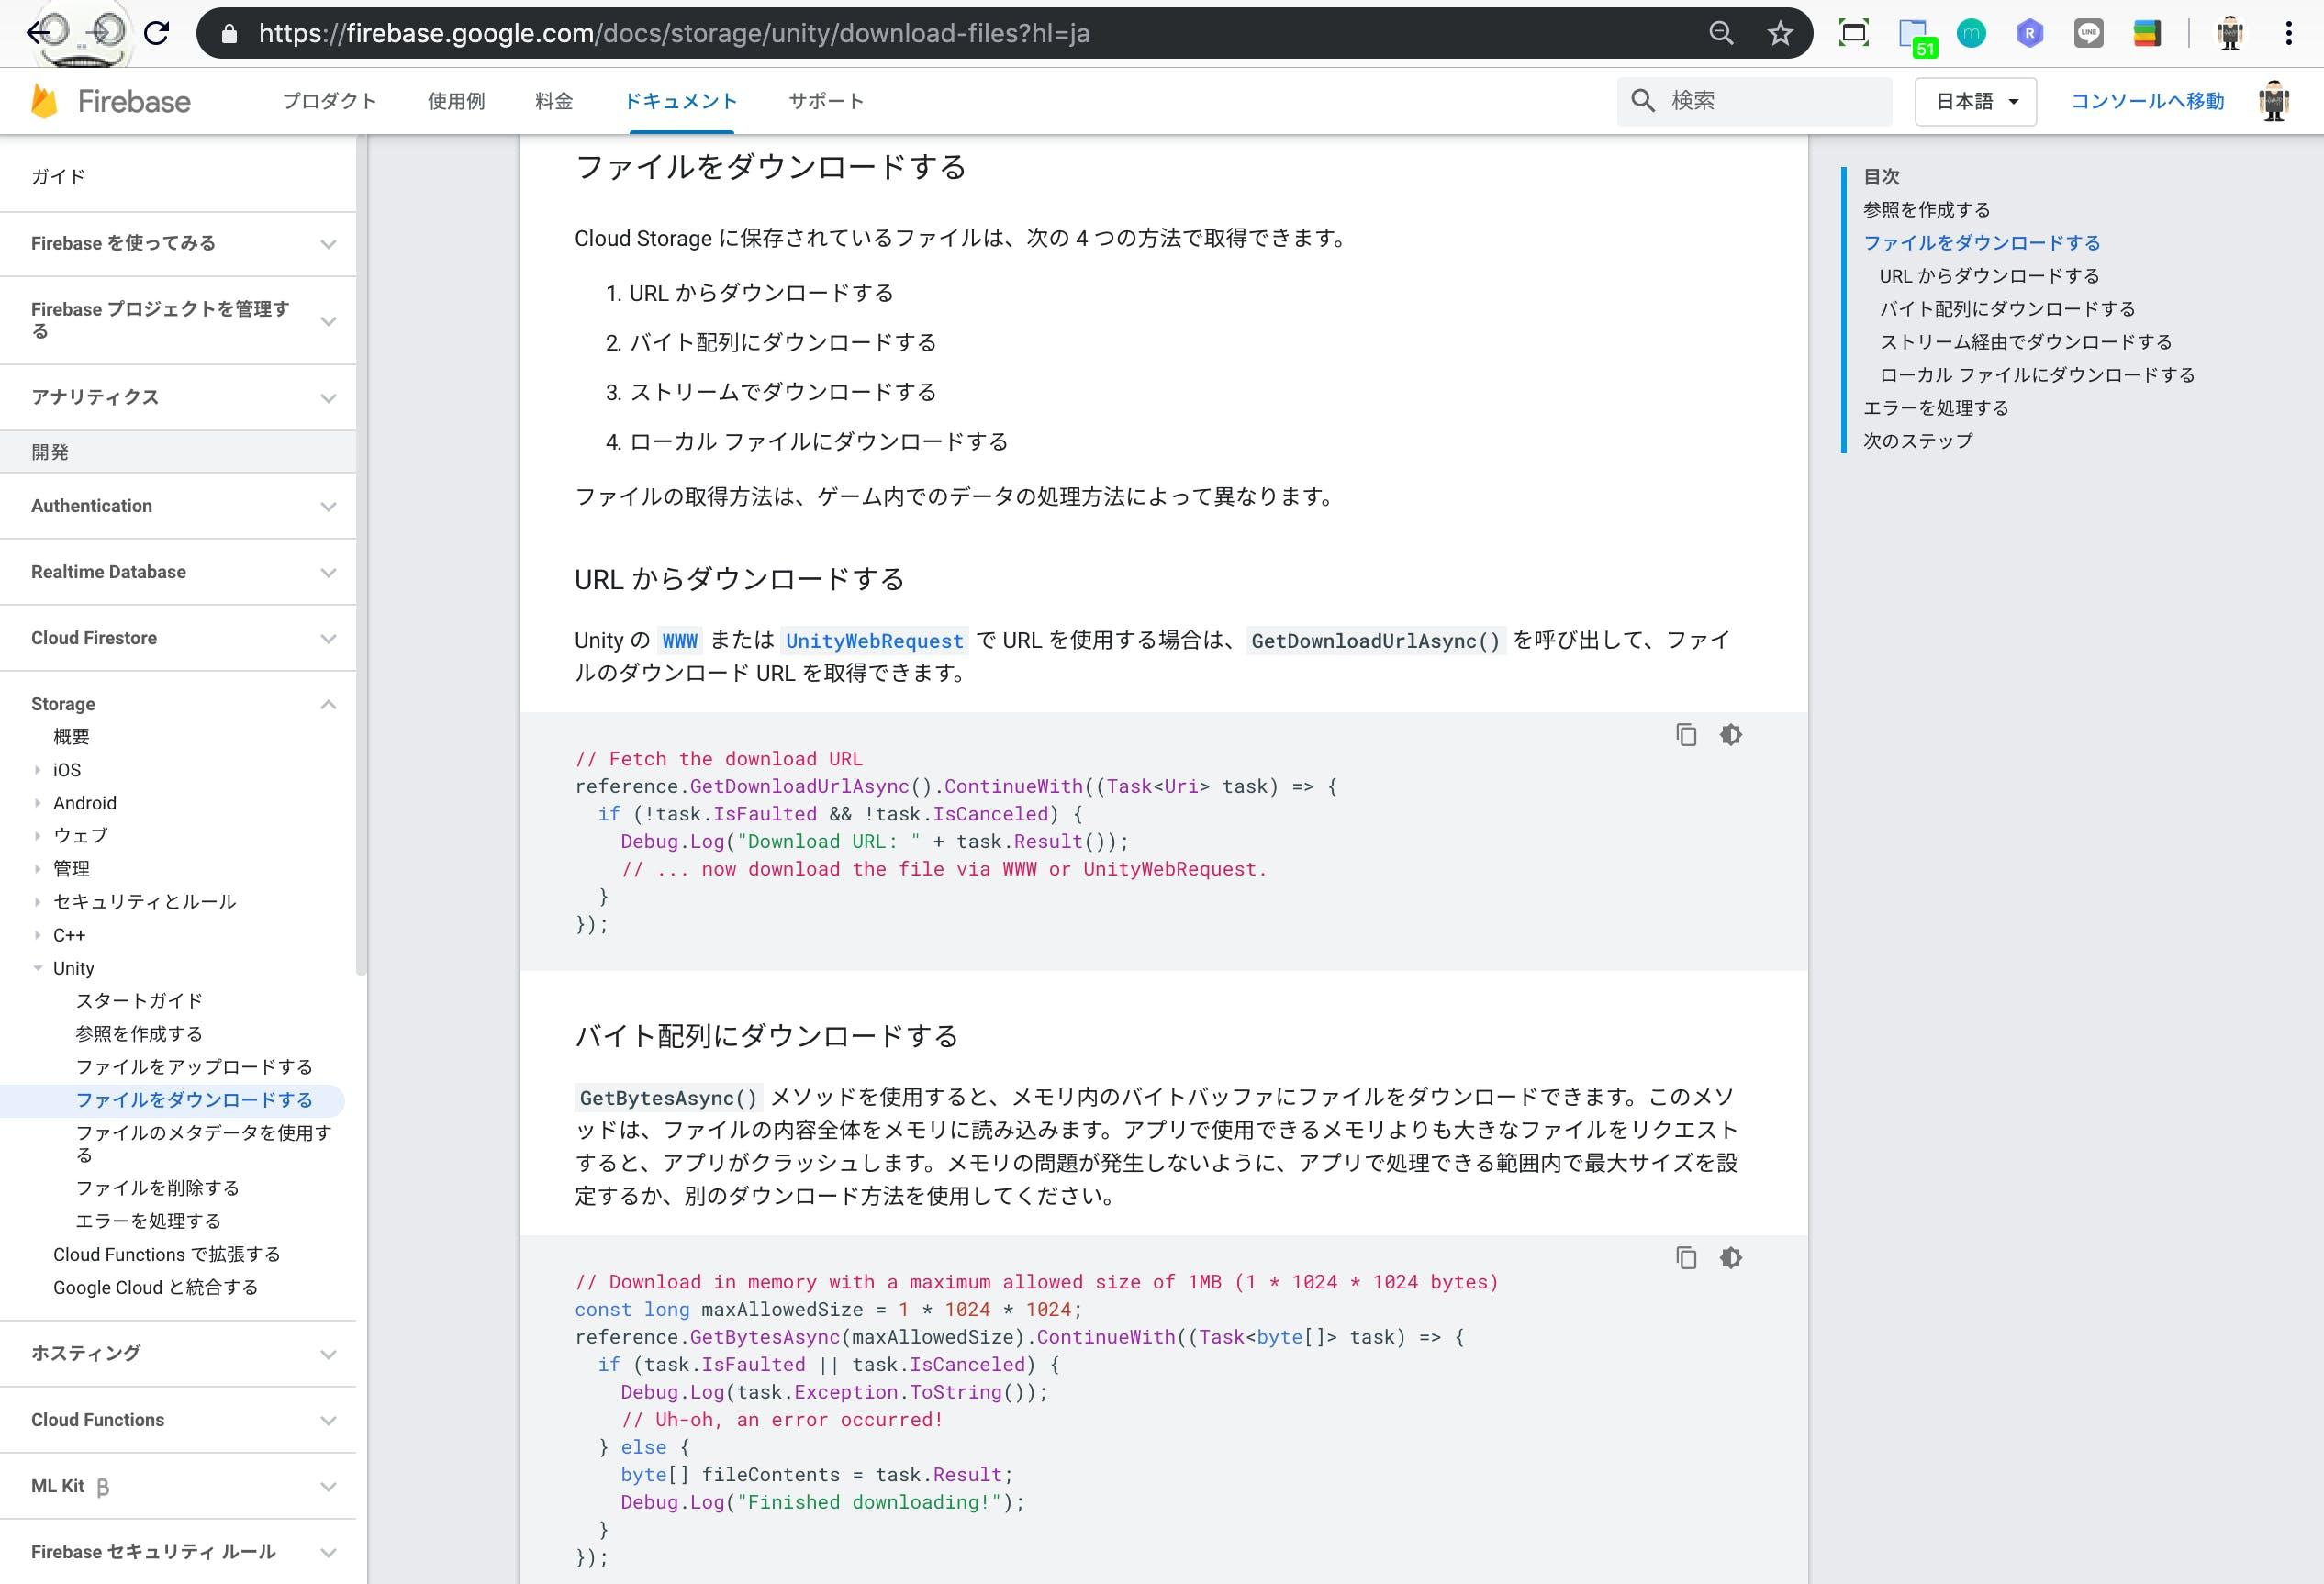 FirebaseとUnityでアプリ開発(ハンズオンみたいなやつ) - Qiita